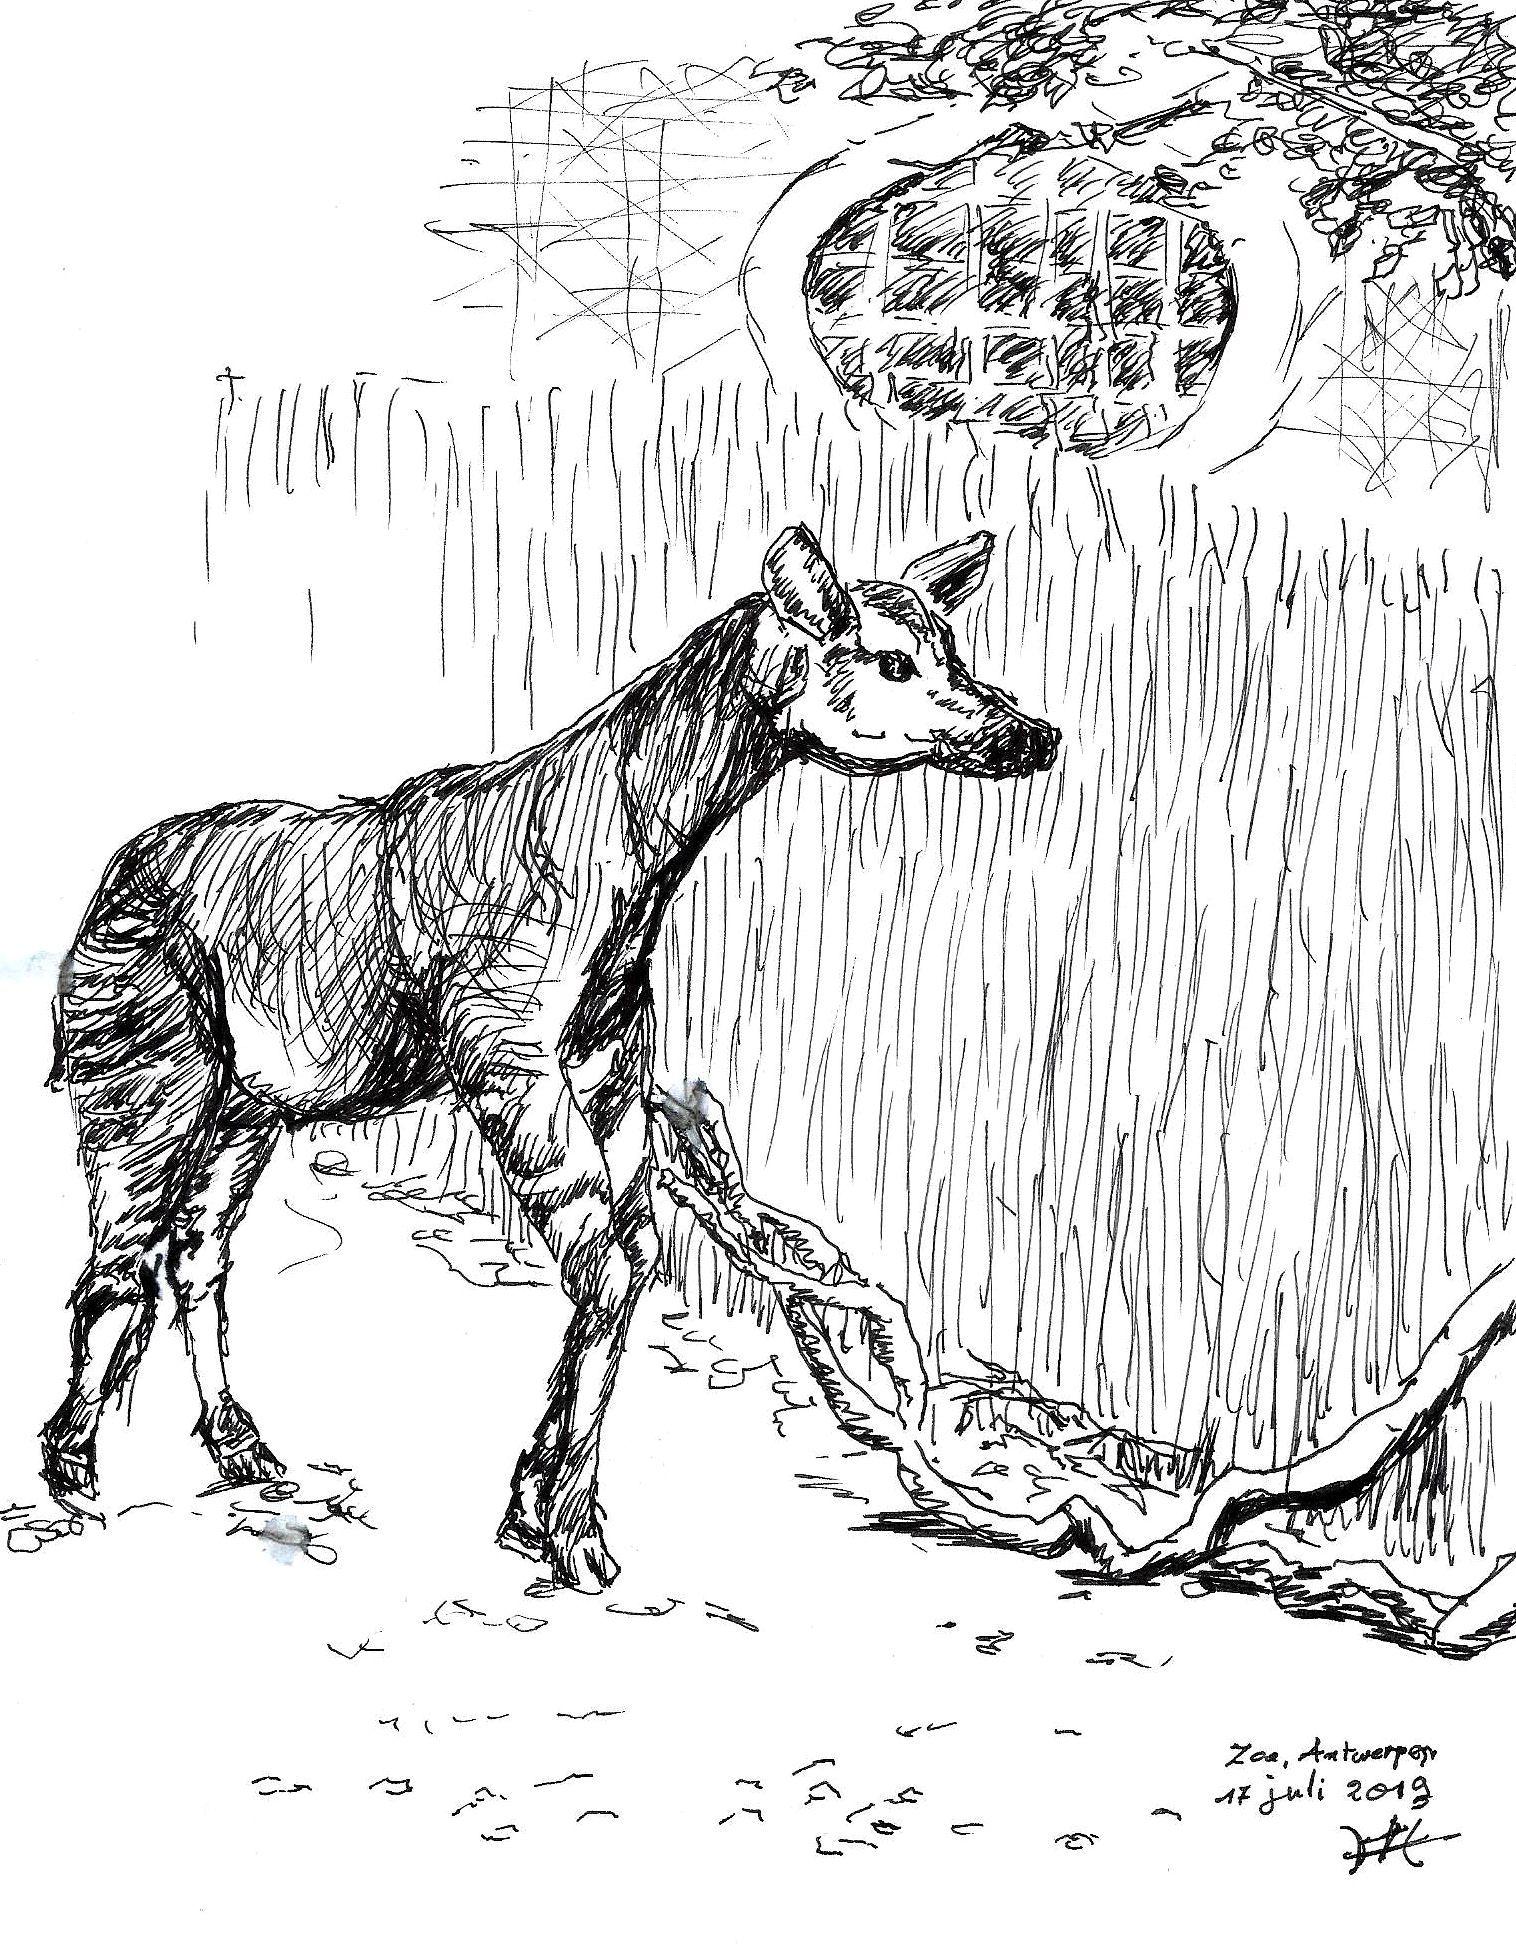 Pin Van Harry Waterschoot Op Recente Schetsen Schilderijen Grafiek Okapi Dieren Tekenen Dieren